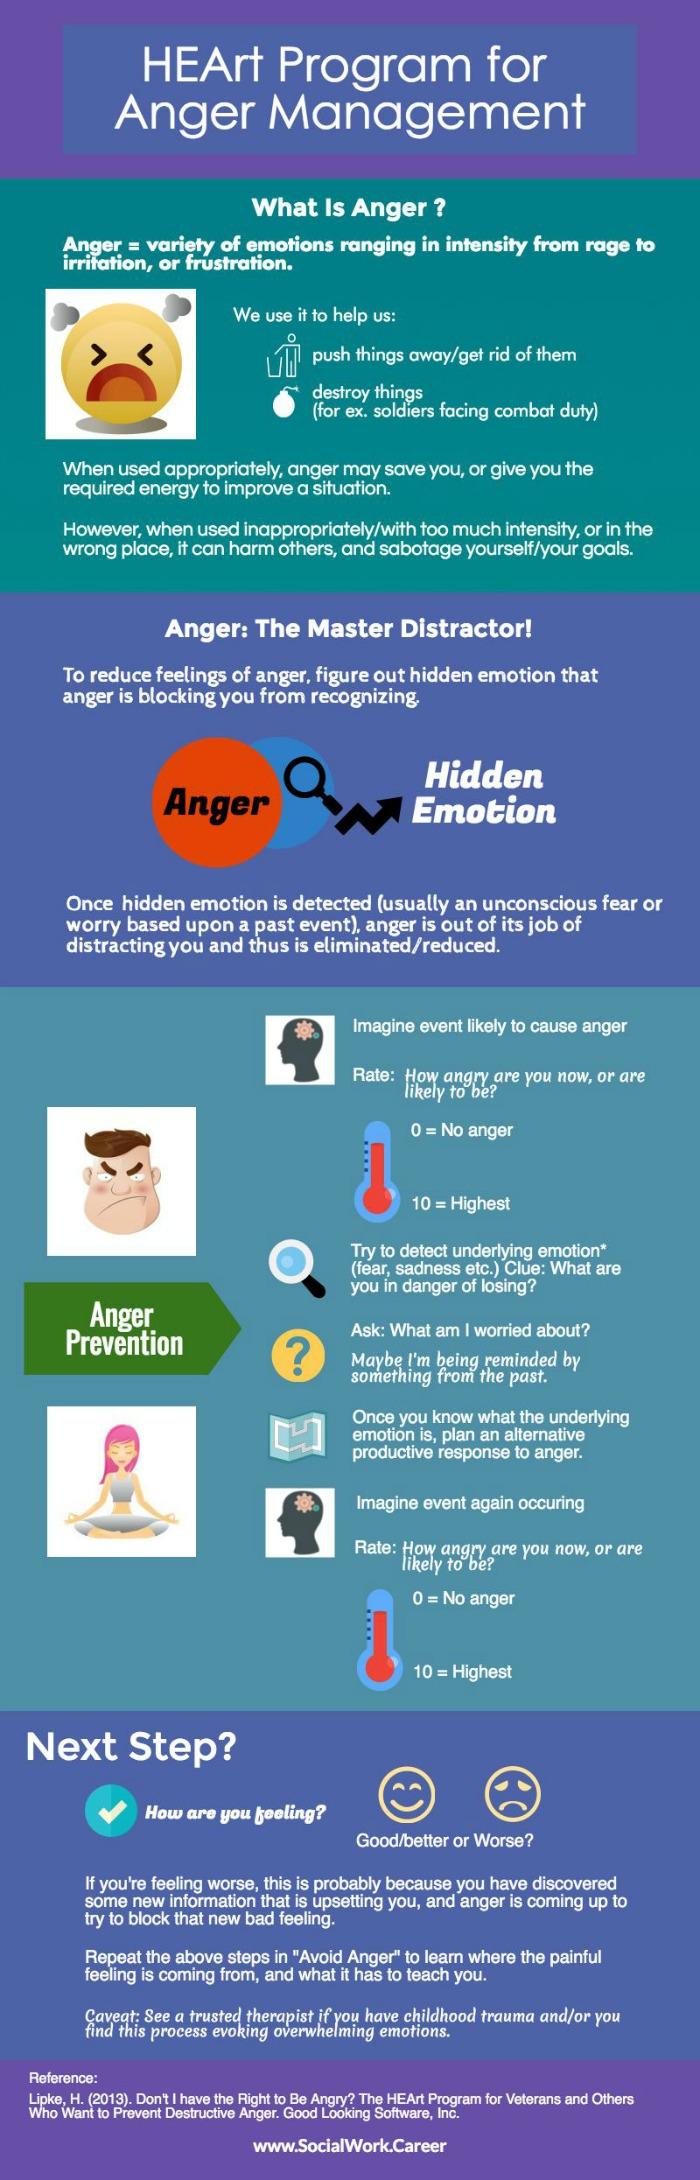 HEArt anger program